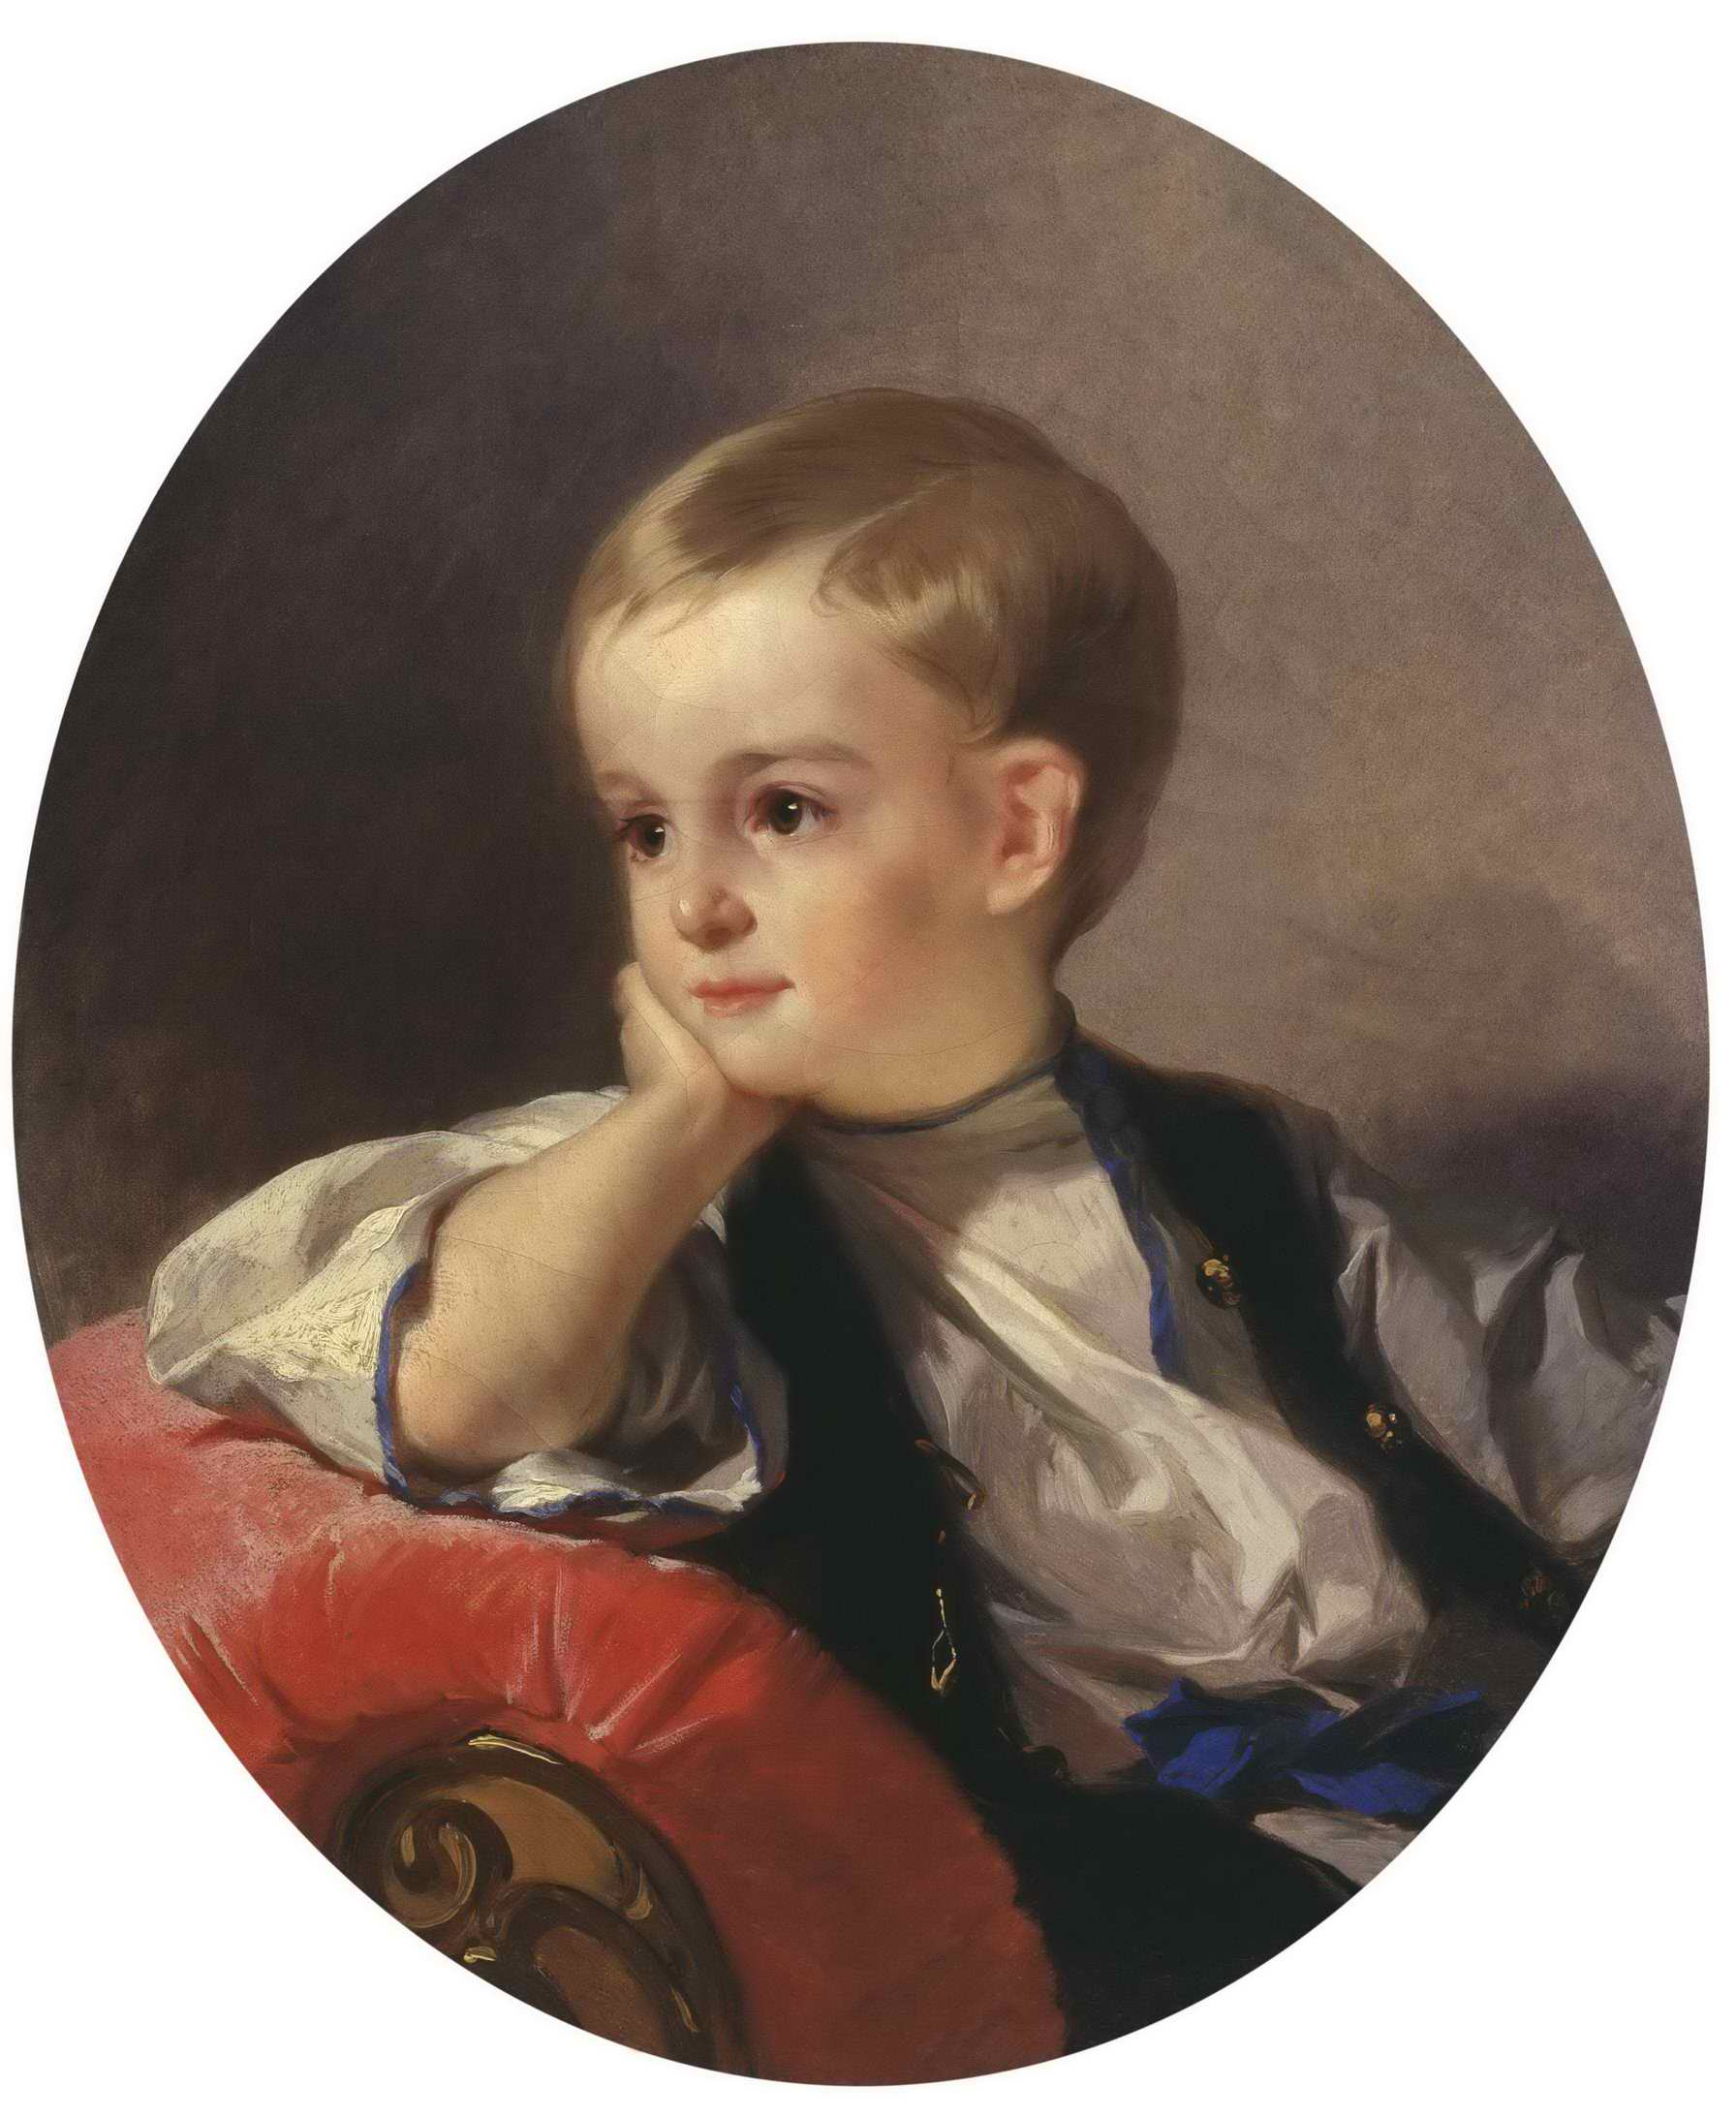 Неизвестный художник (Макаров И.К. ?) - Портрет графа Бобринского ребенком